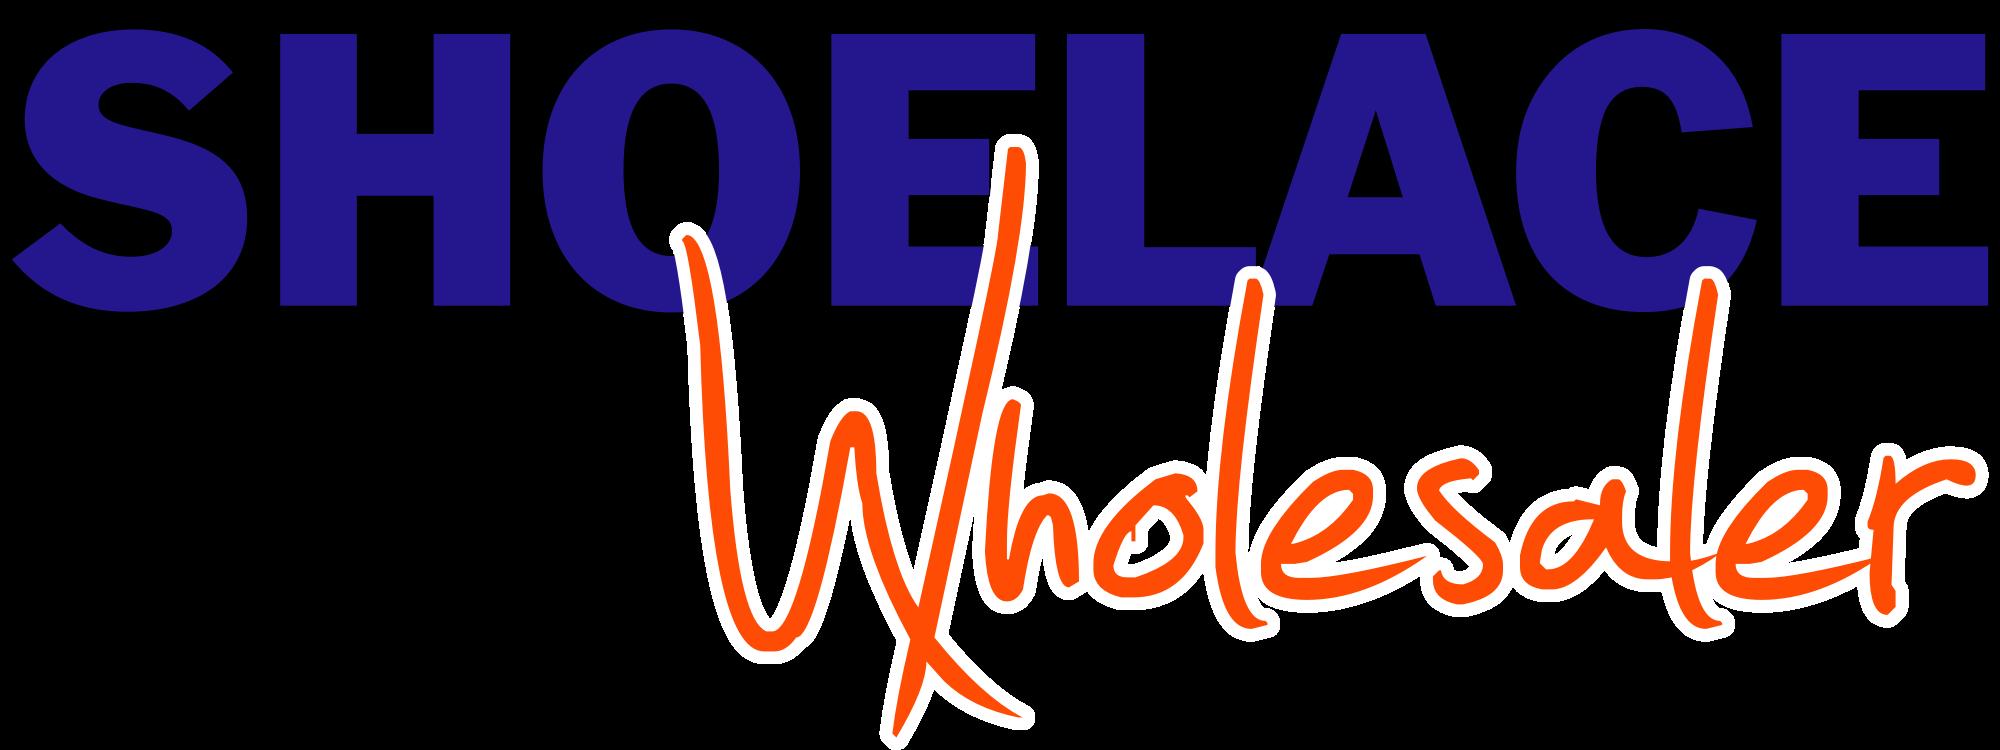 shoelaces wholesaler